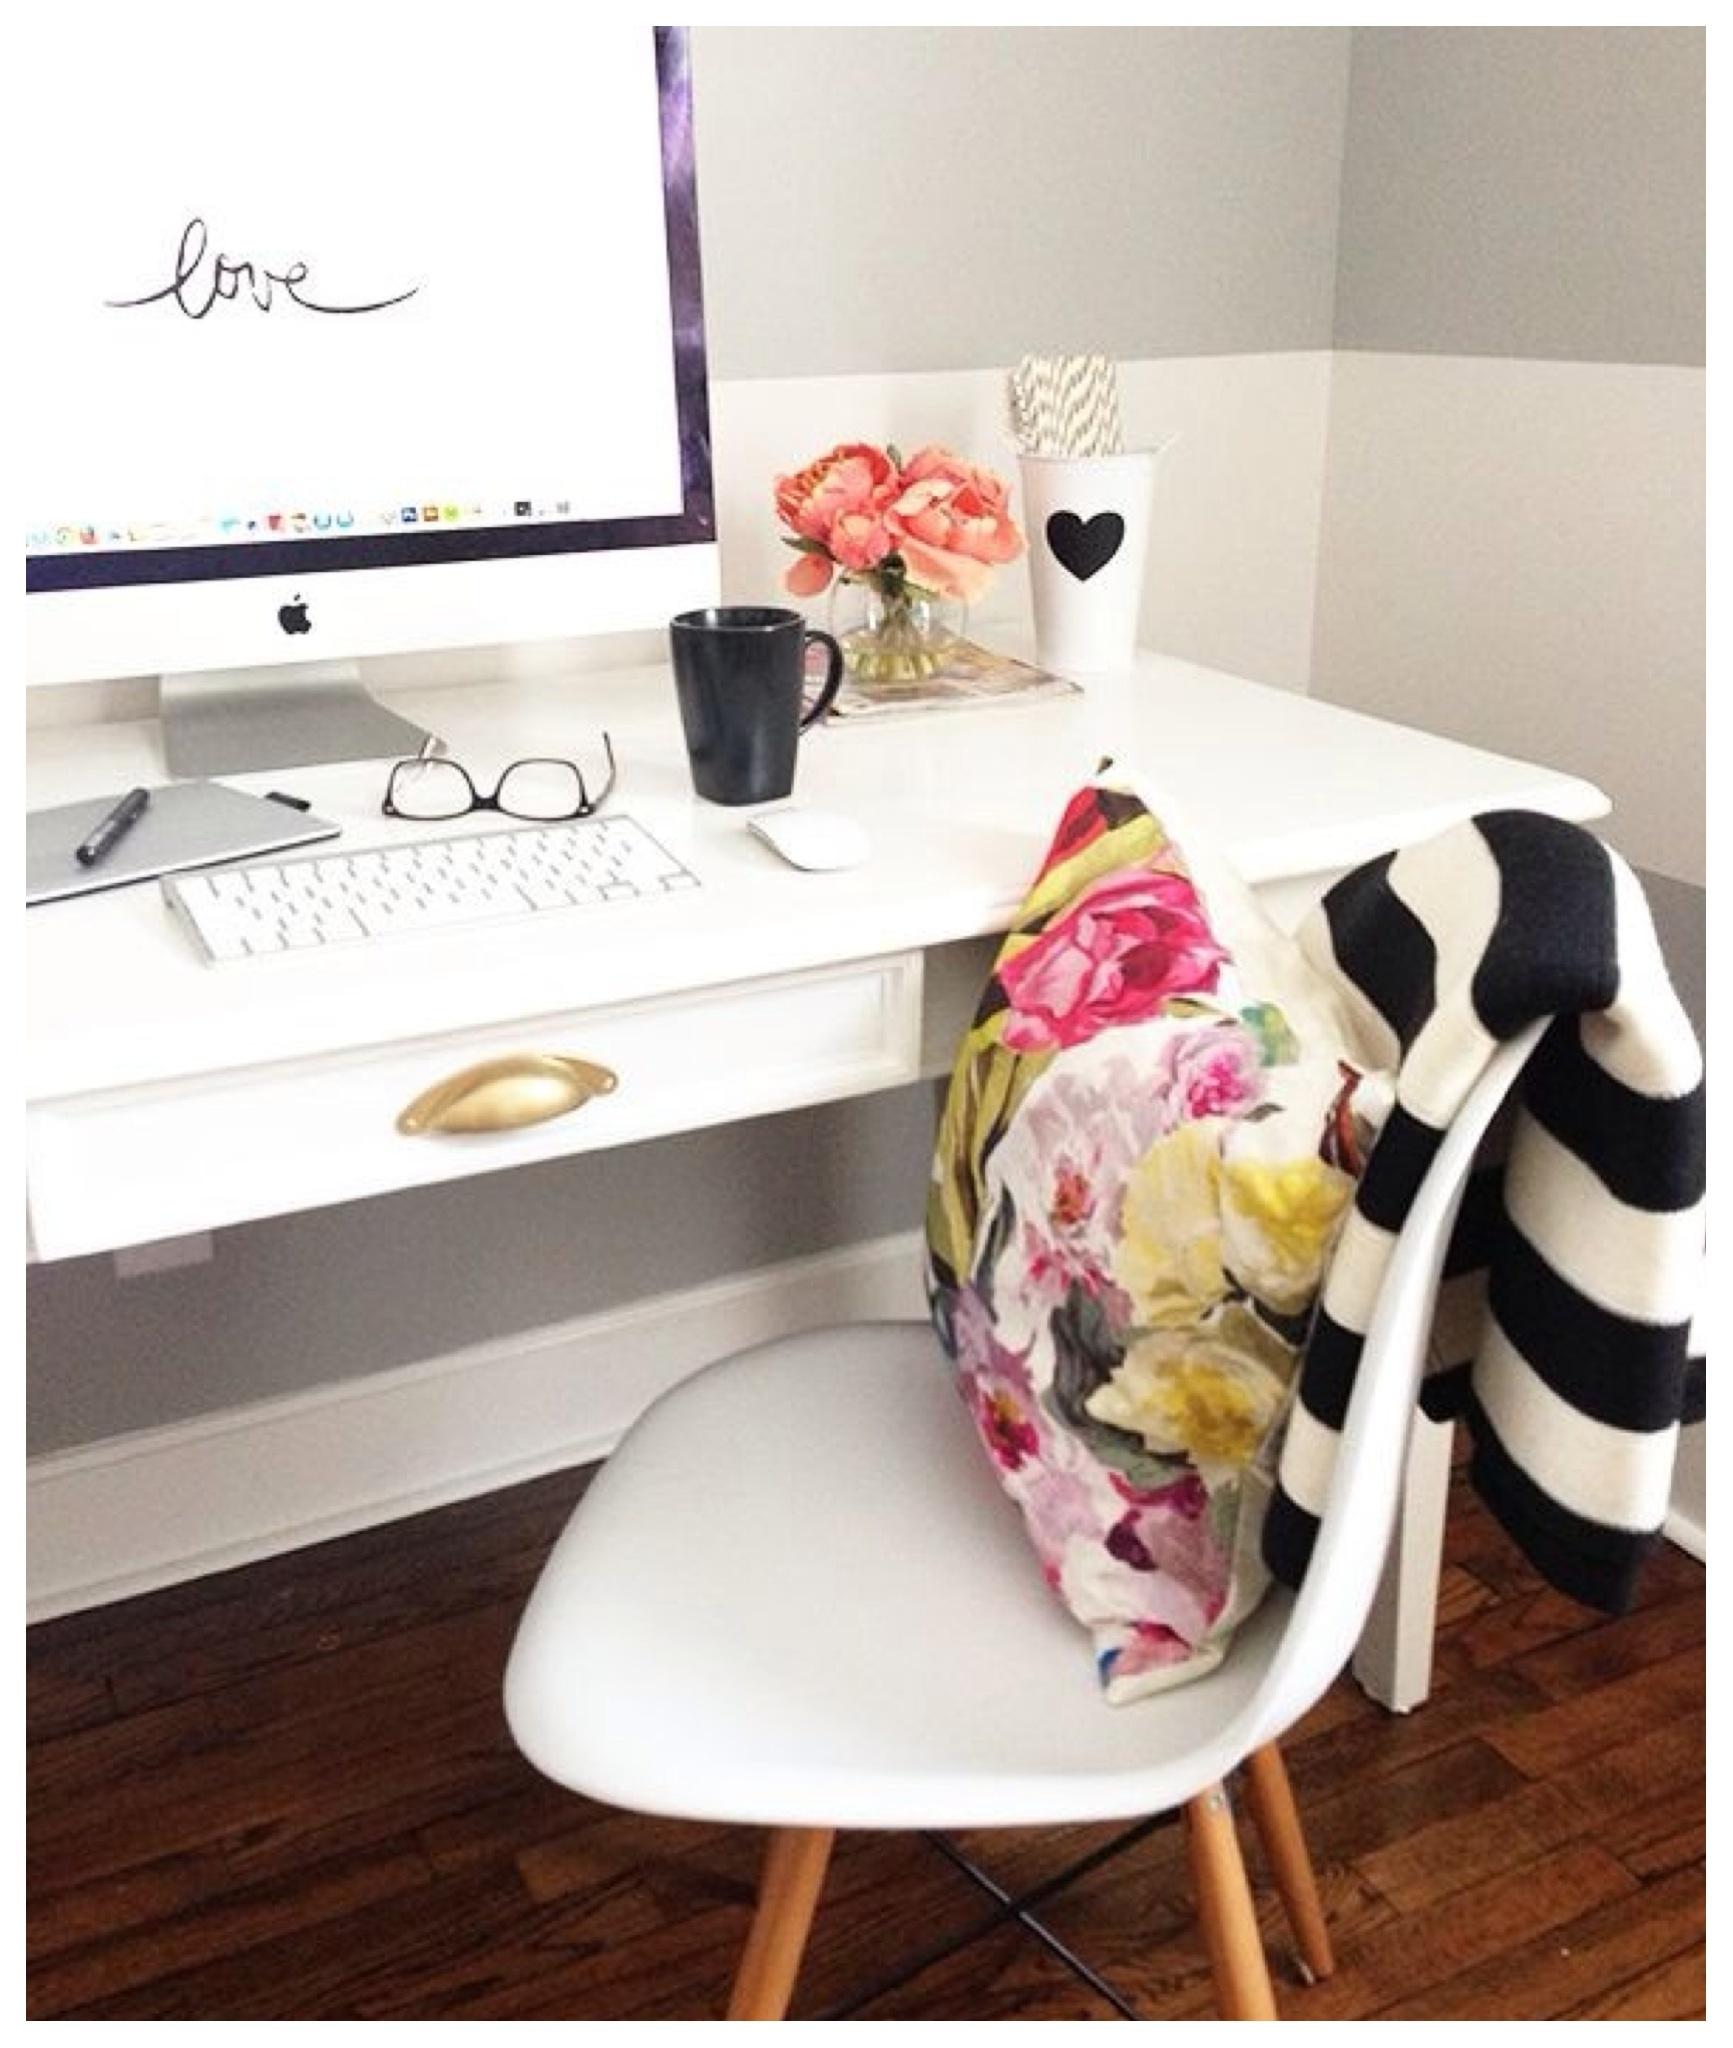 Las mejores ideas para decorar la oficina en casa - Decorar oficina en casa ...